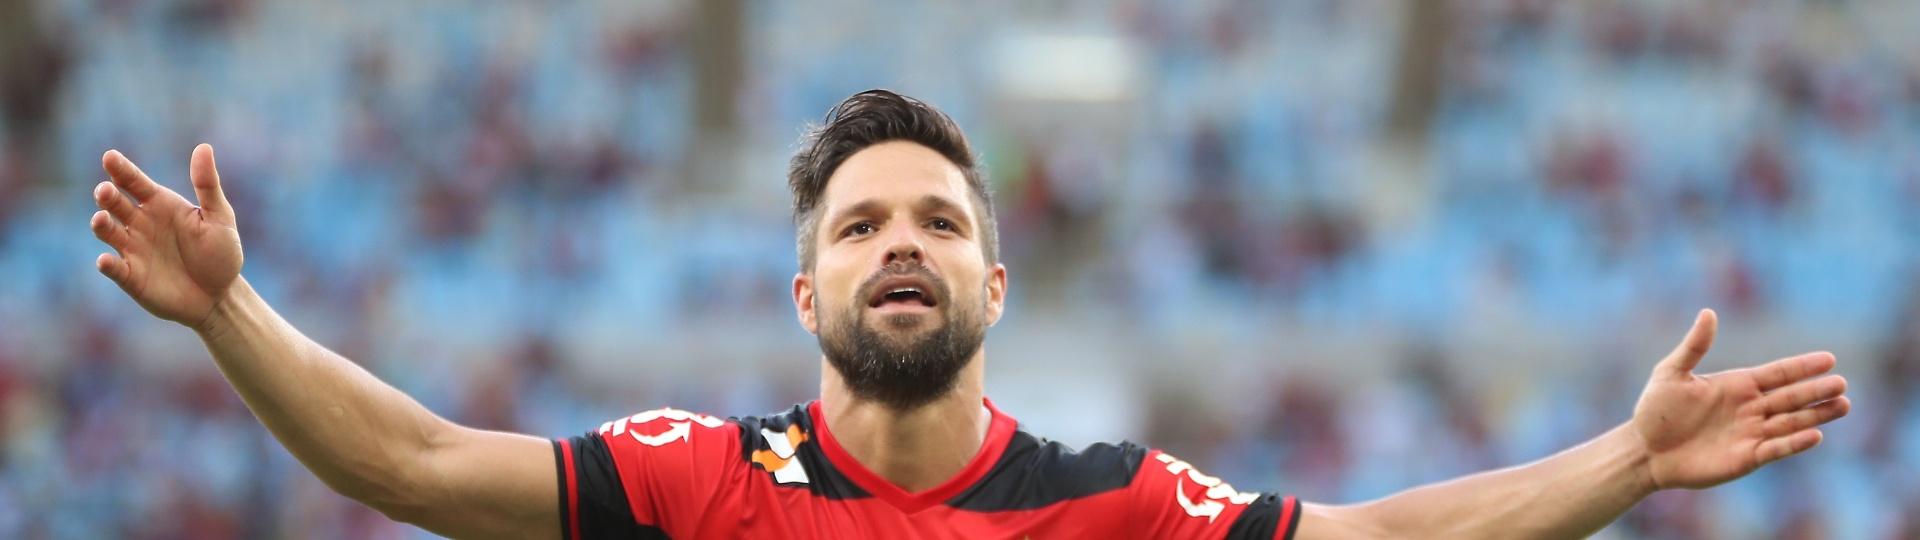 Diego foi o destaque do Flamengo no Campeonato Brasileiro e caiu nas graças da torcida